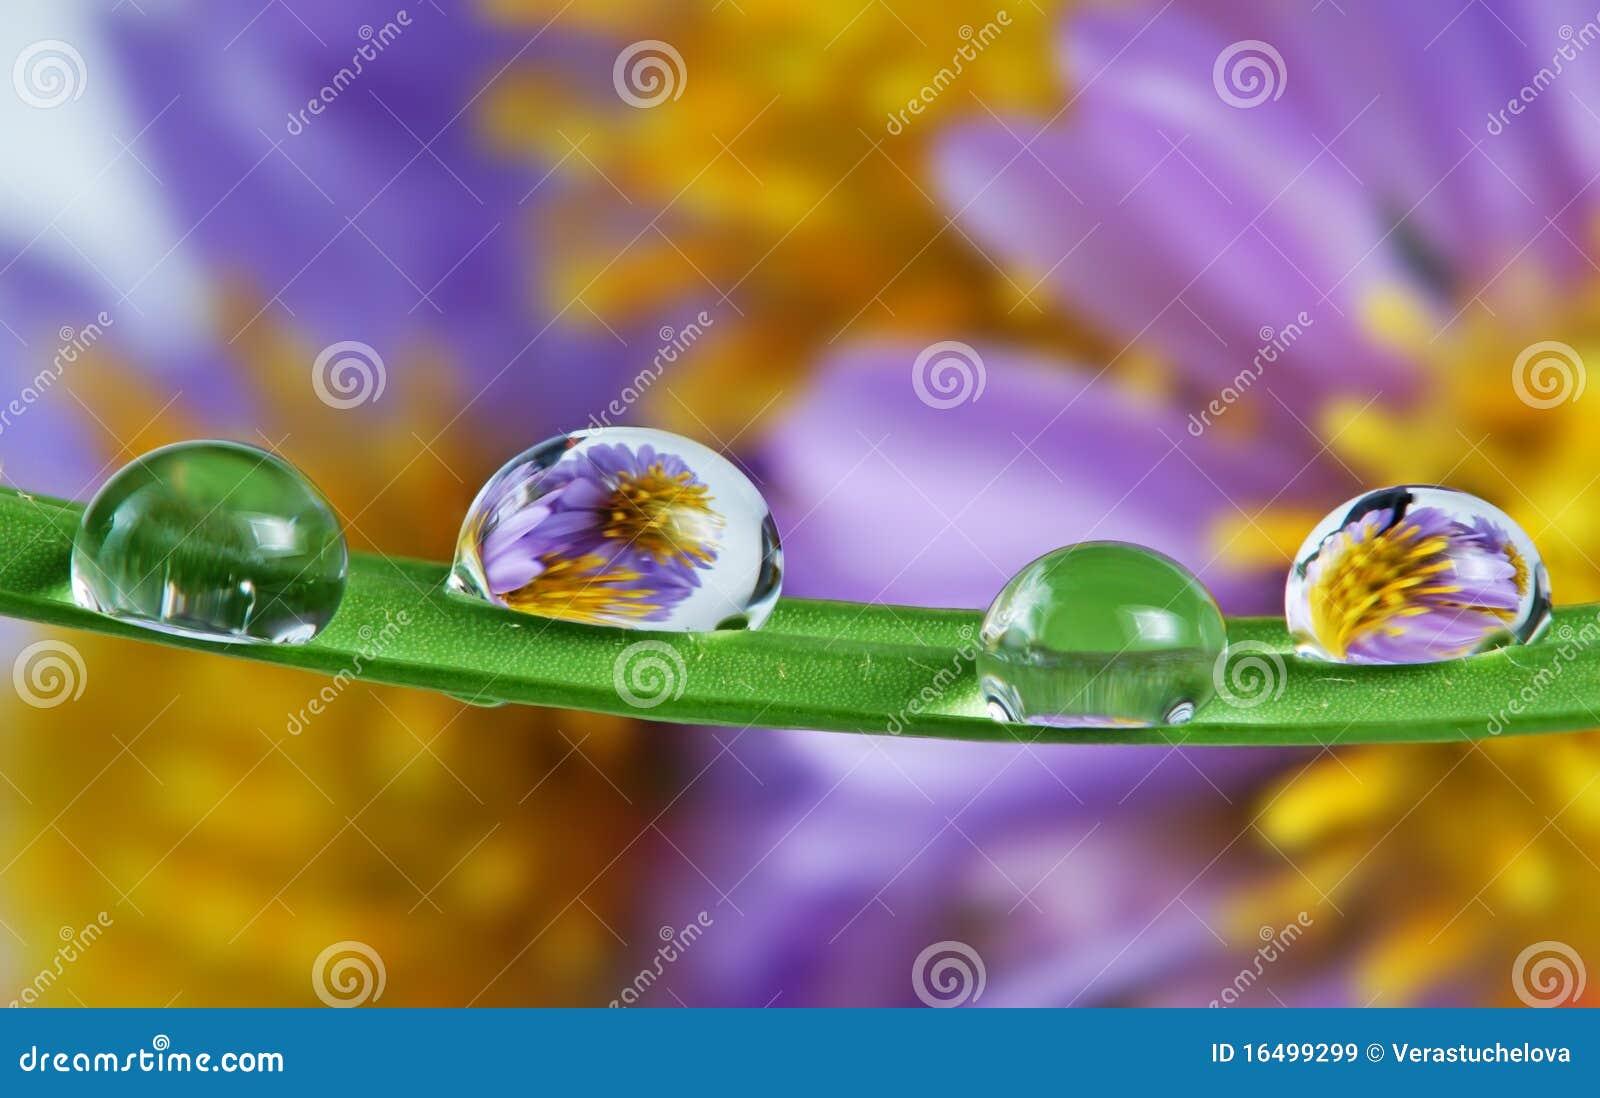 Gotas en la lámina de la hierba